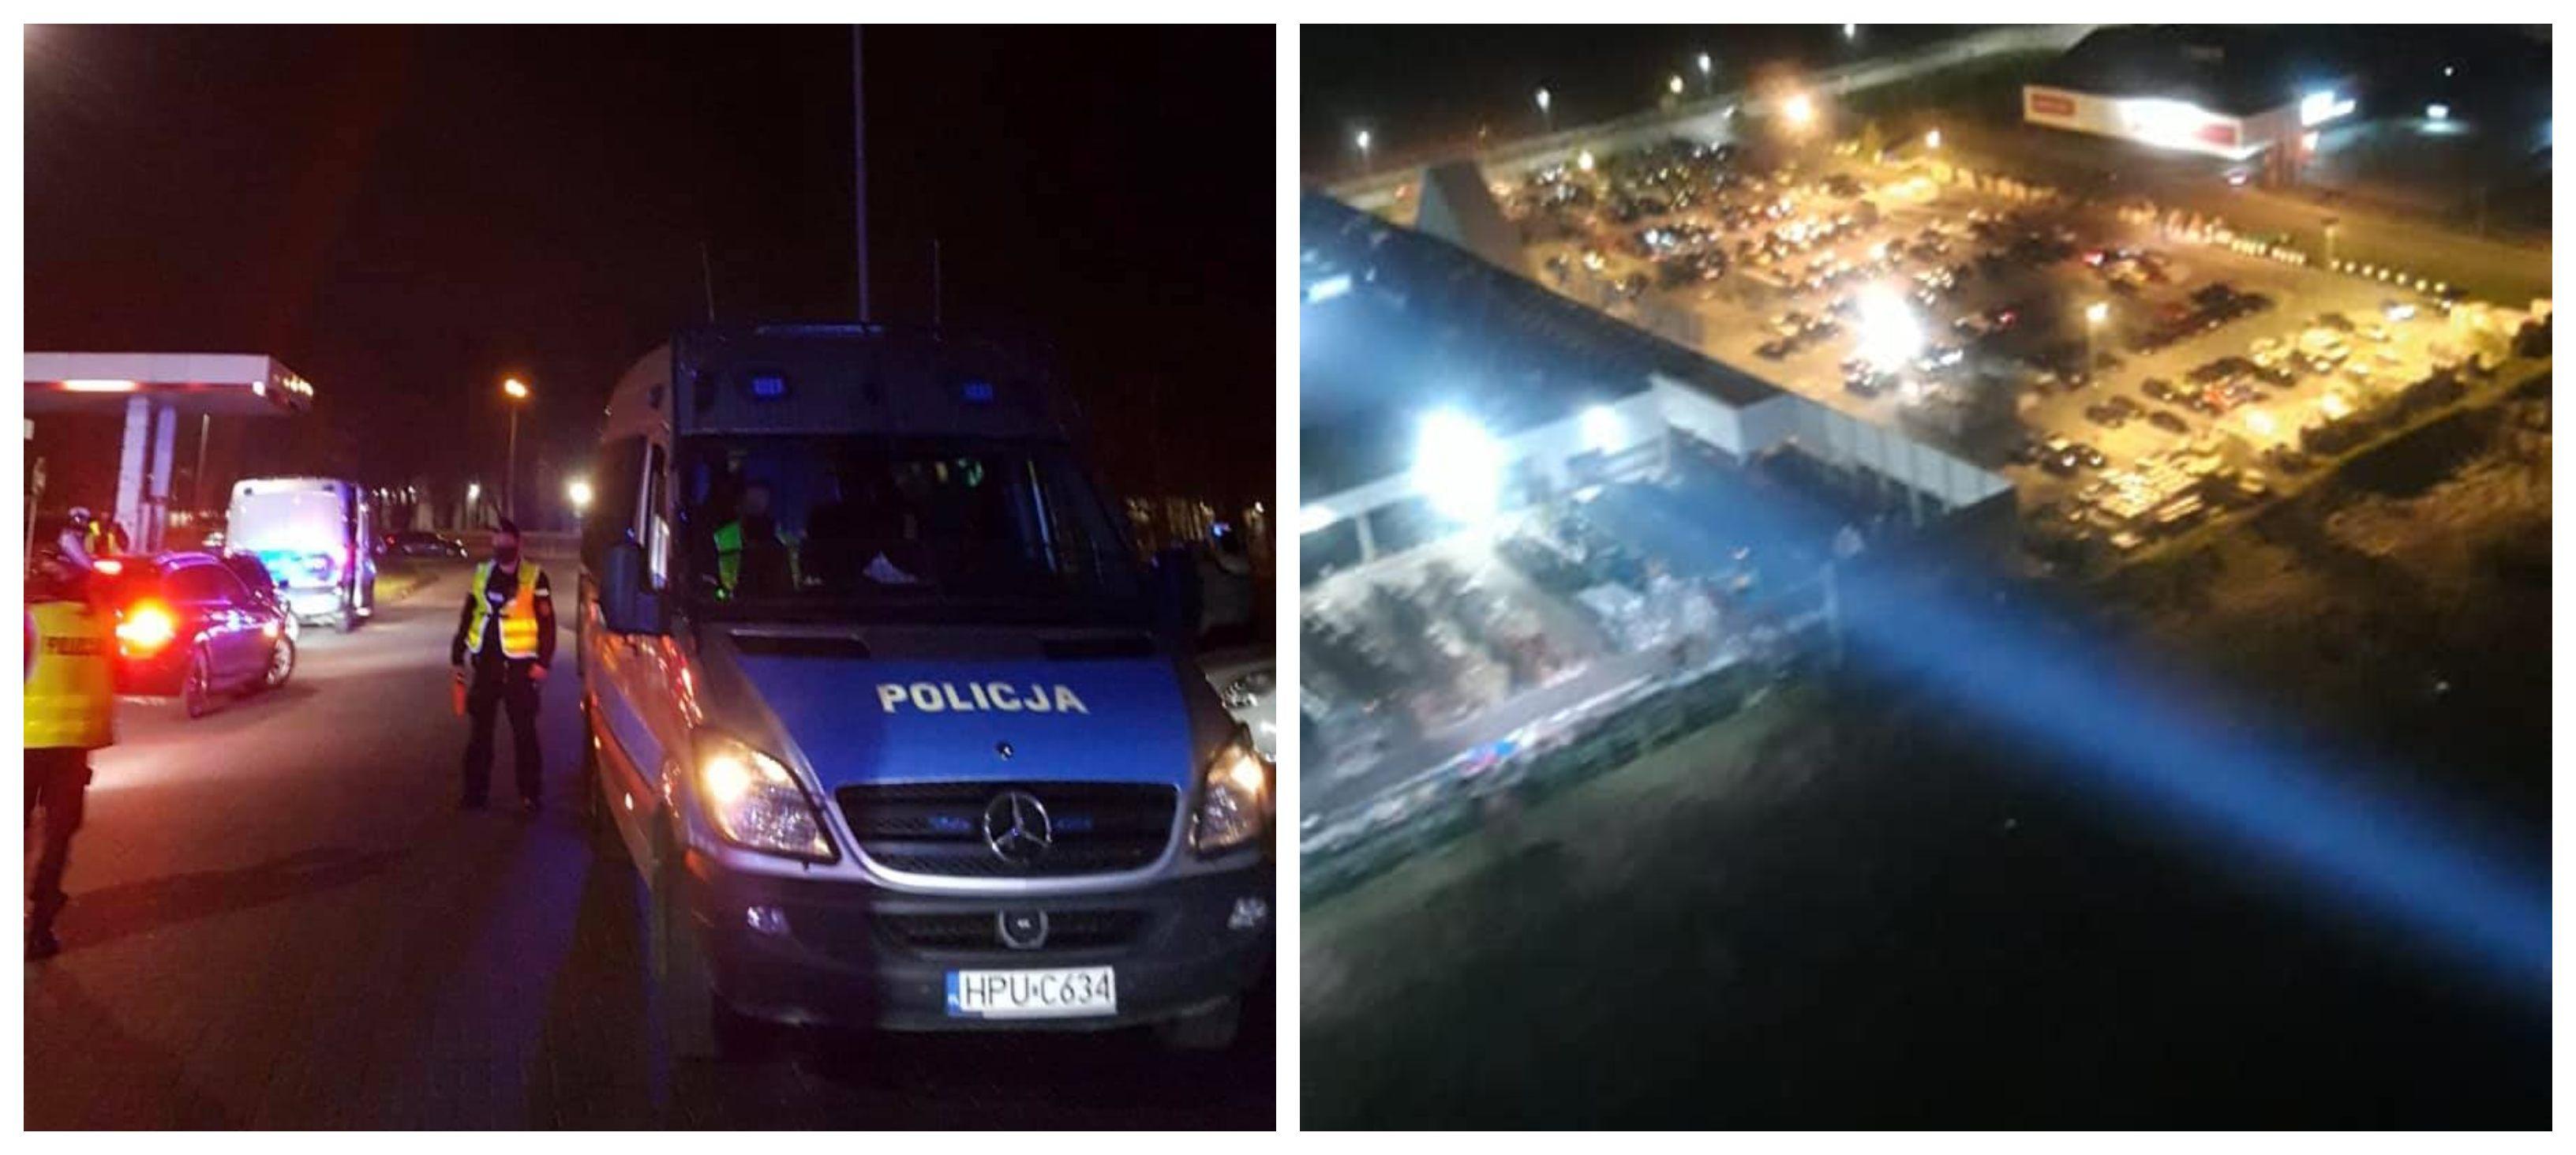 Policja na zlocie w Poznaniu